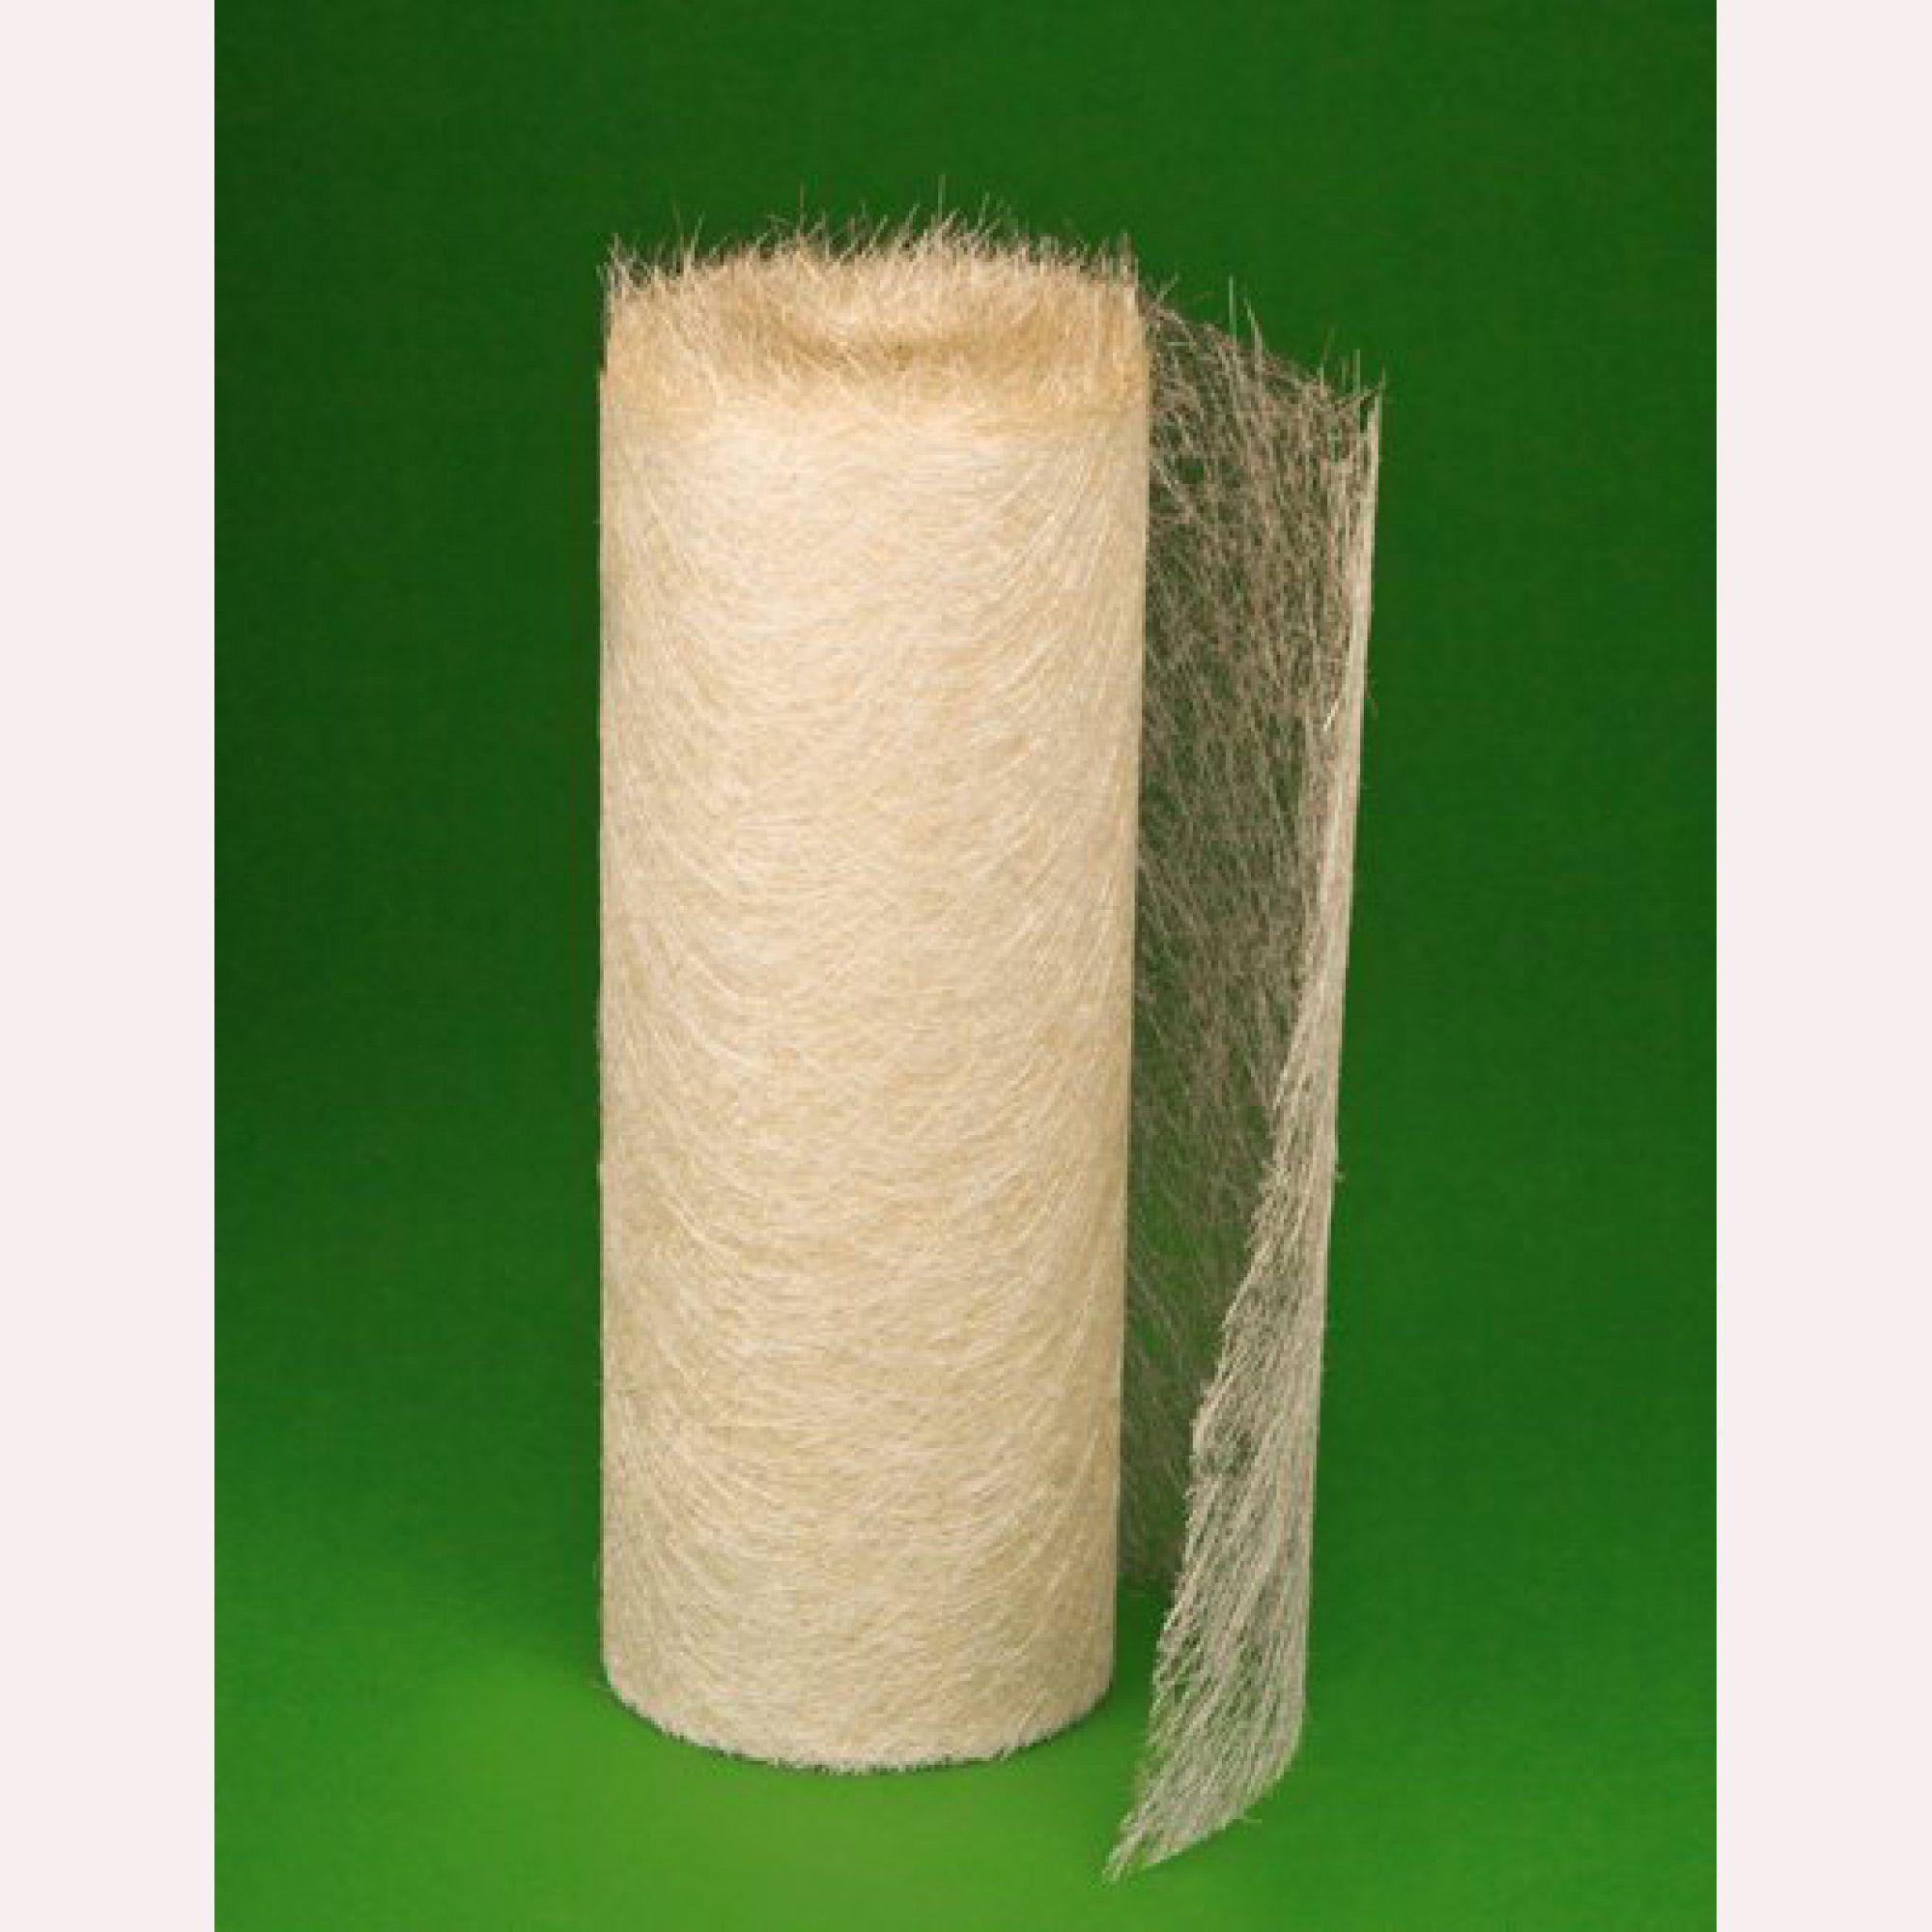 AR Glasfasermatte 120 g/m² Glasfaser, Glas und Günstig